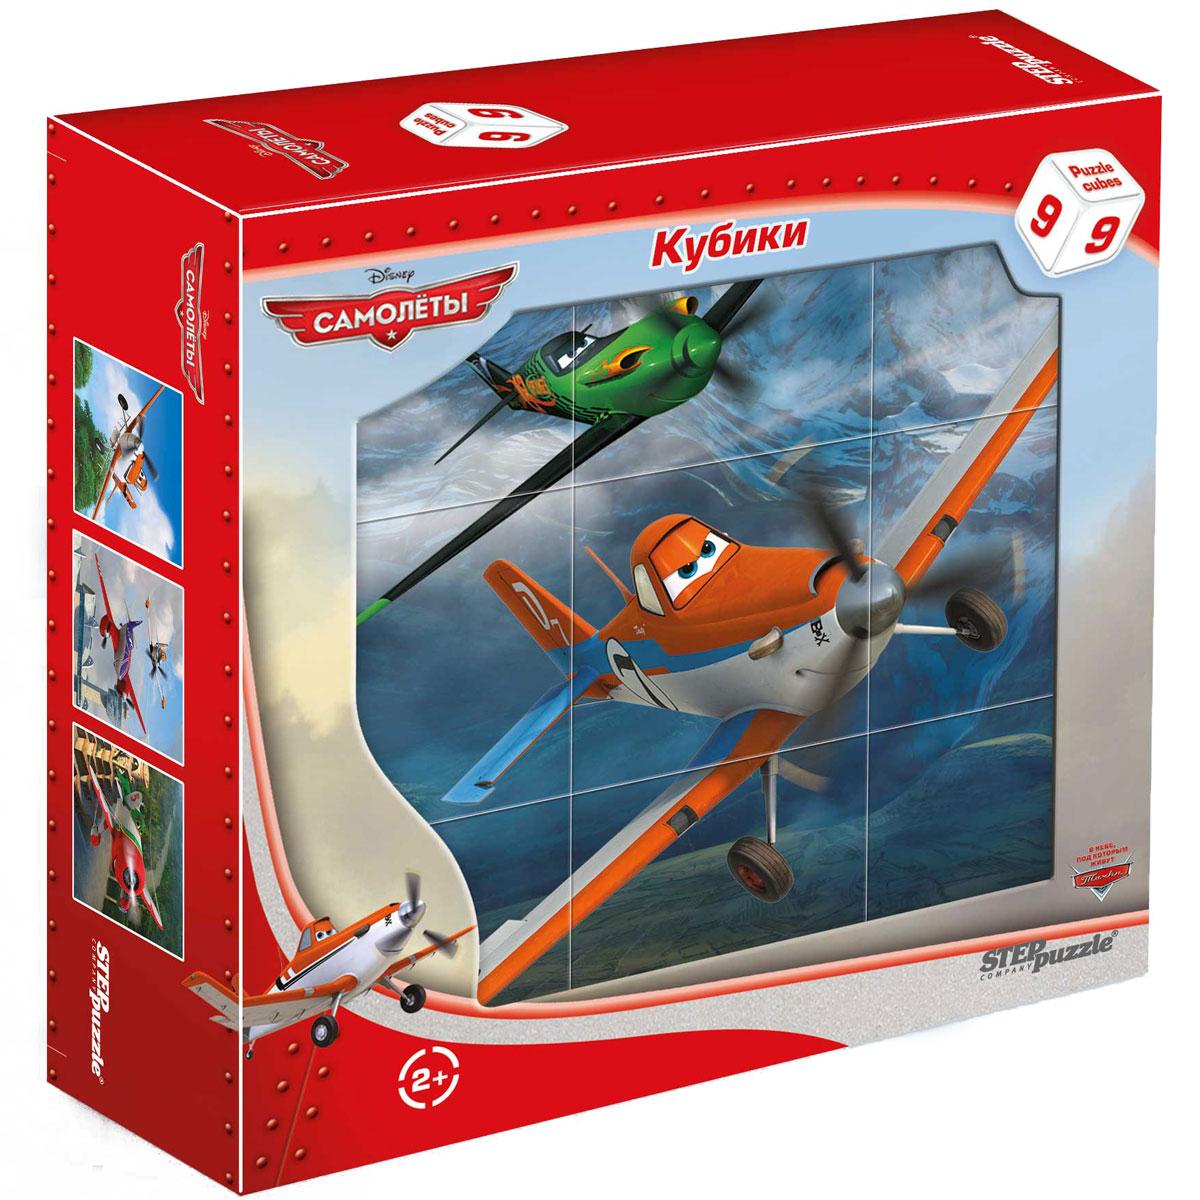 Step Puzzle Кубики Самолеты 9 шт87144С помощью кубиков Step Puzzle Самолеты ребенок сможет собрать целых шесть красочных картинок с любимыми героями мультфильма Самолеты. Игра с кубиками развивает зрительное восприятие, наблюдательность, мелкую моторику рук и произвольные движения. Ребенок научится складывать целостный образ из частей, определять недостающие детали изображения. Это прекрасный комплект для развлечения и времяпрепровождения с пользой для малыша.